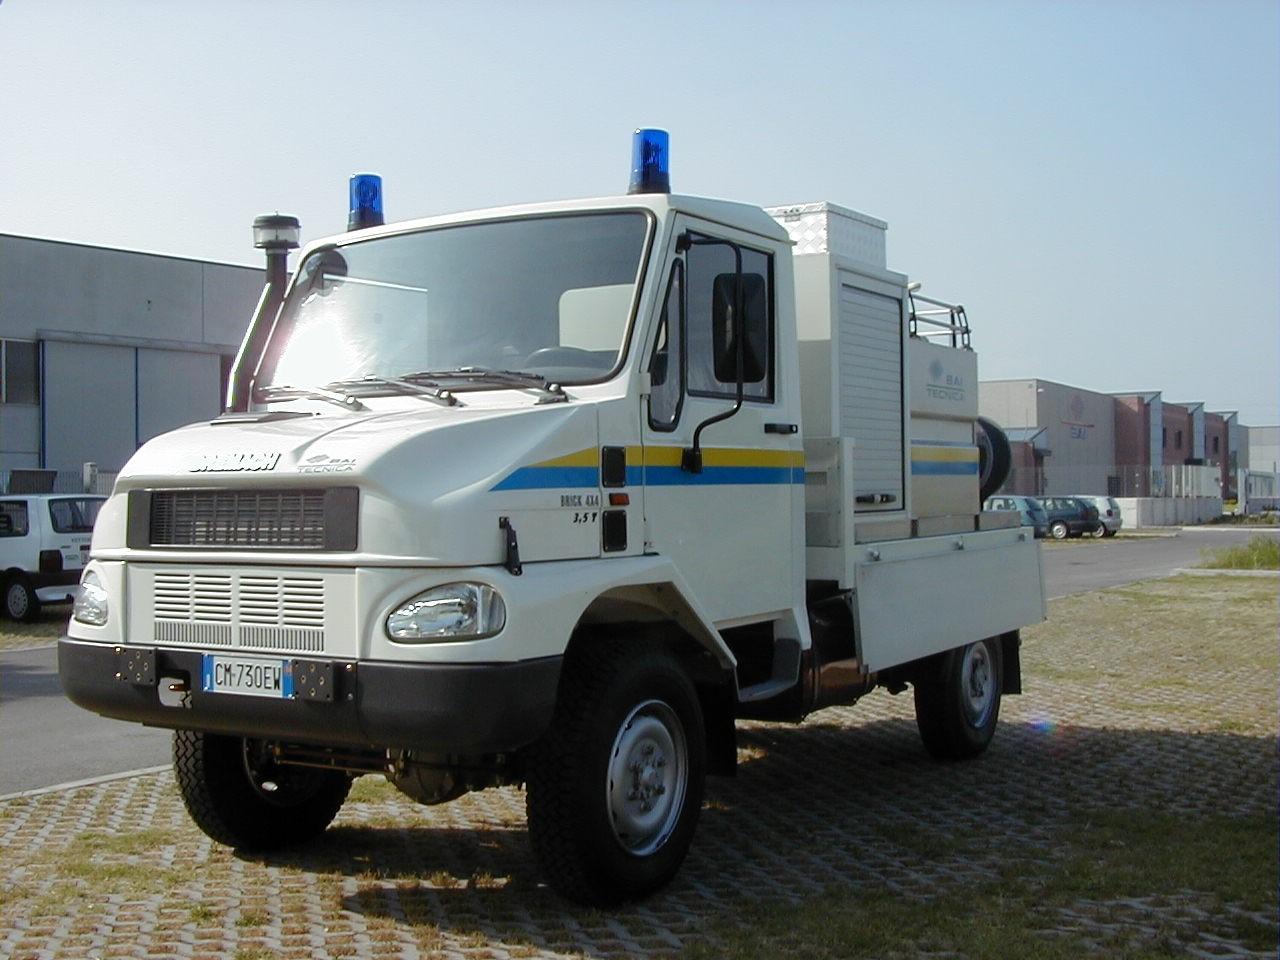 dta-f4-1000-s